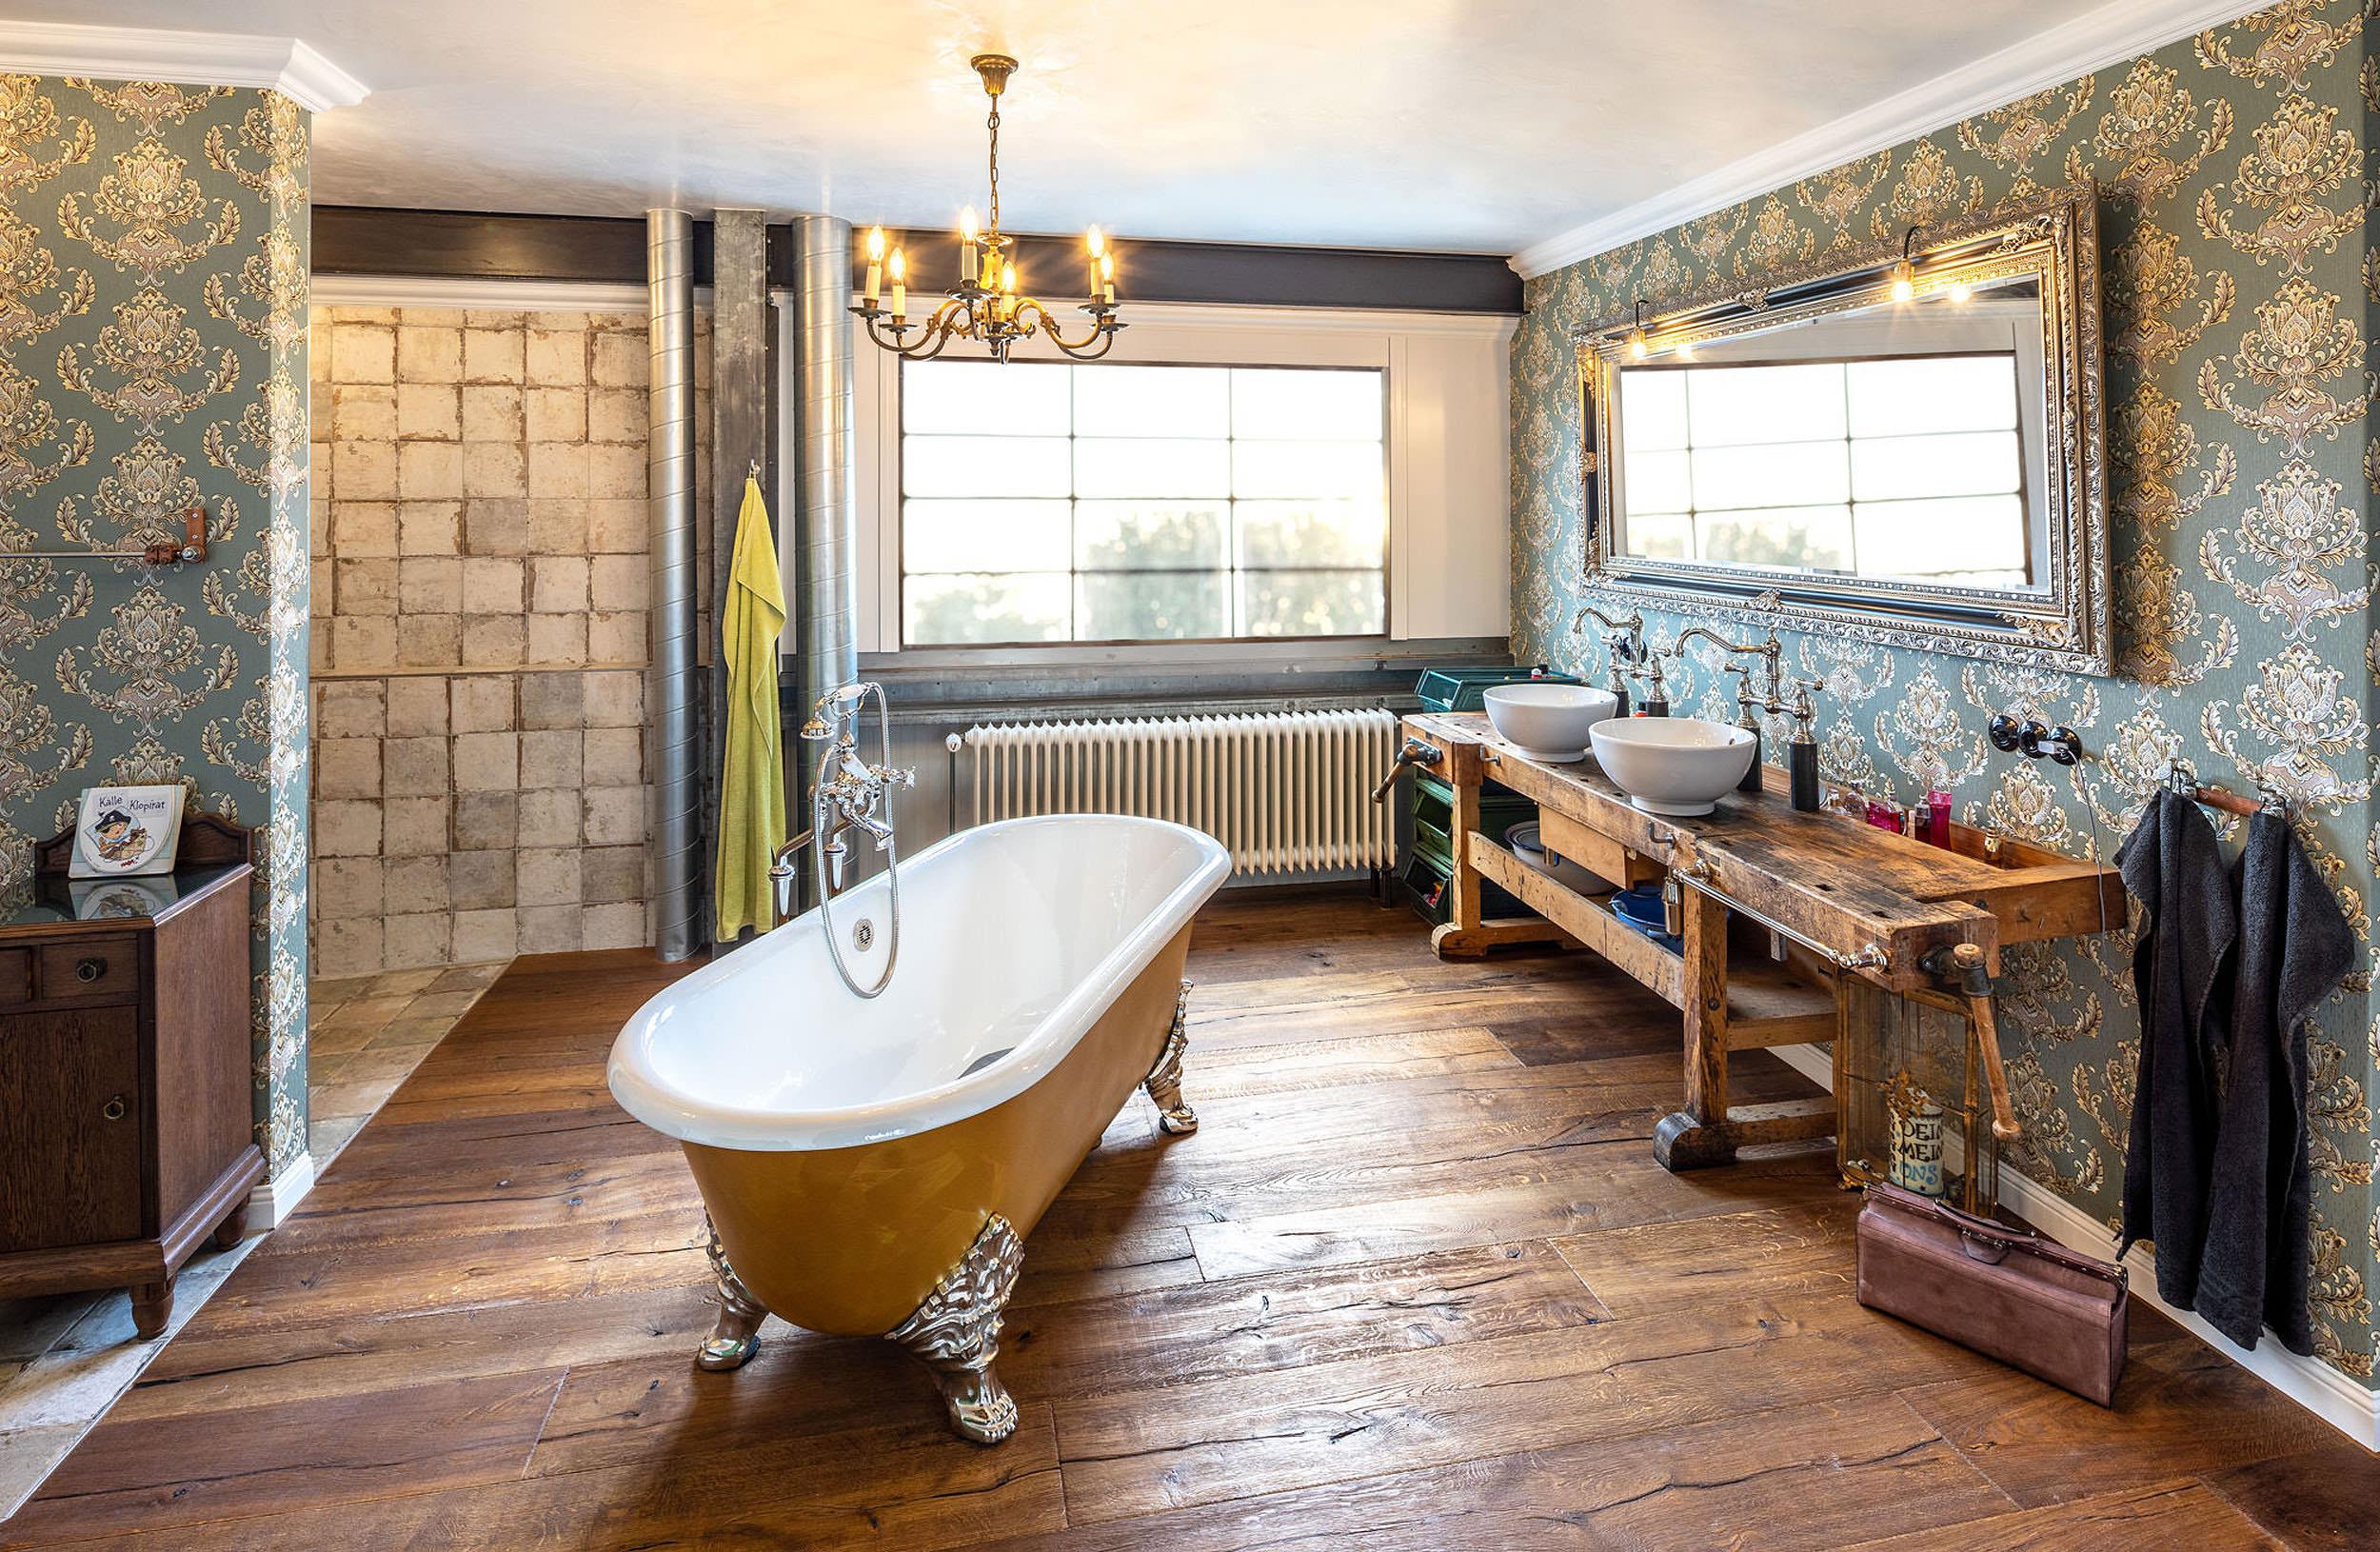 Vintage Badezimmer individuell gestaltet von Traditional Bathrooms. Stilecht, hochwertig und persönlich bis ins kleinste Detail.